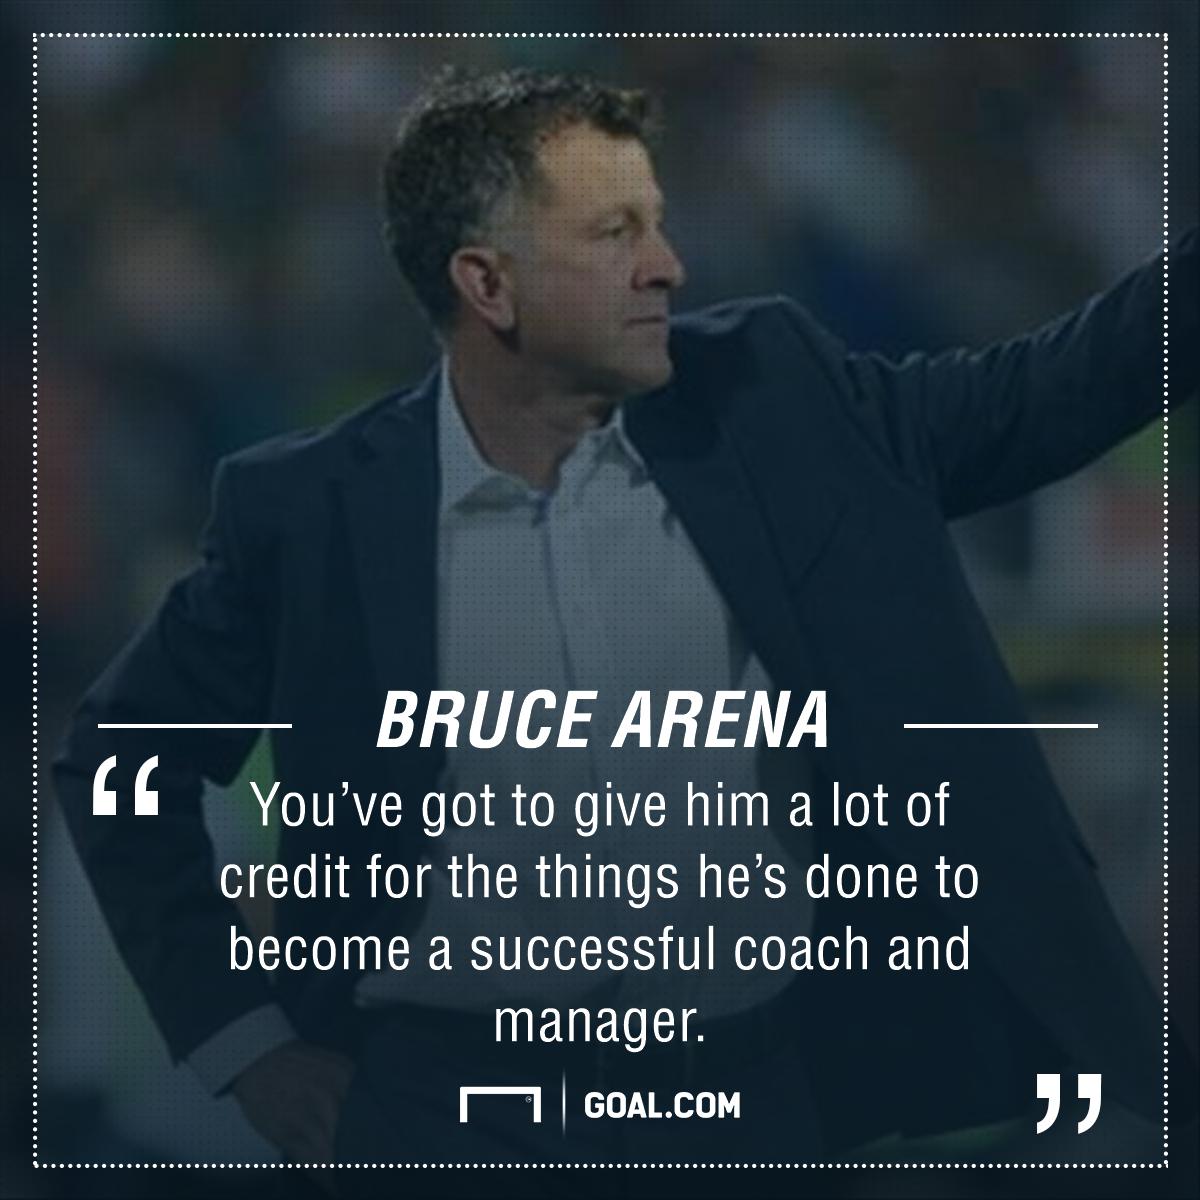 Bruce Arena quote